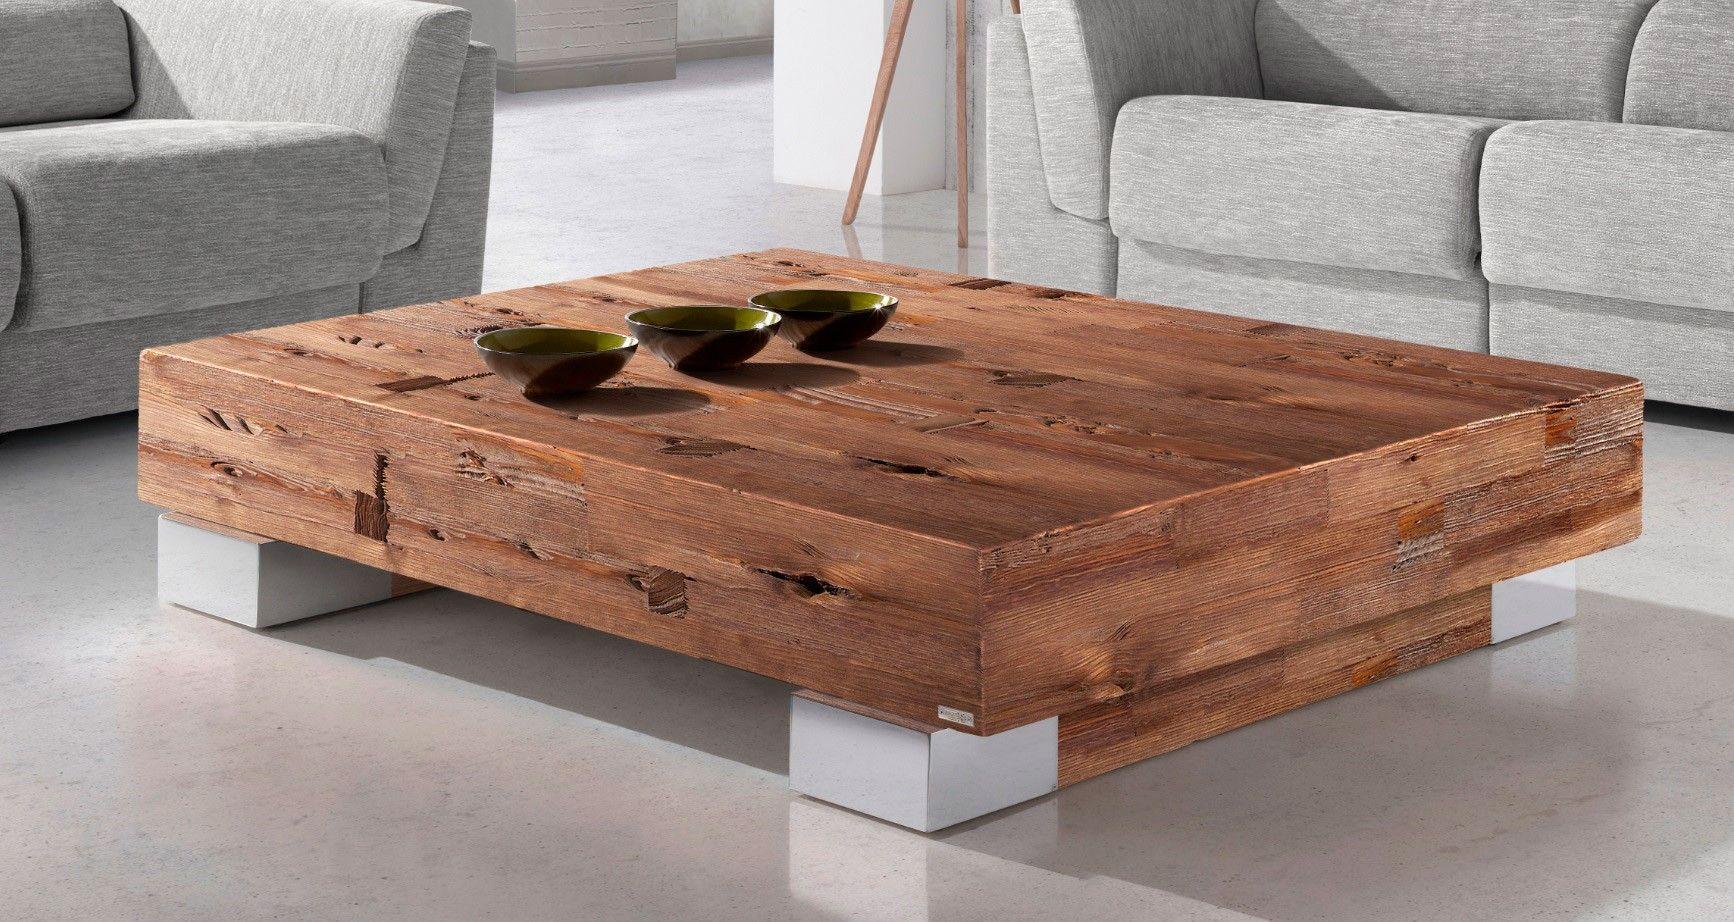 Mesa de centro moderna neri mesa centro mesas de for Mesas de centro modernas y baratas